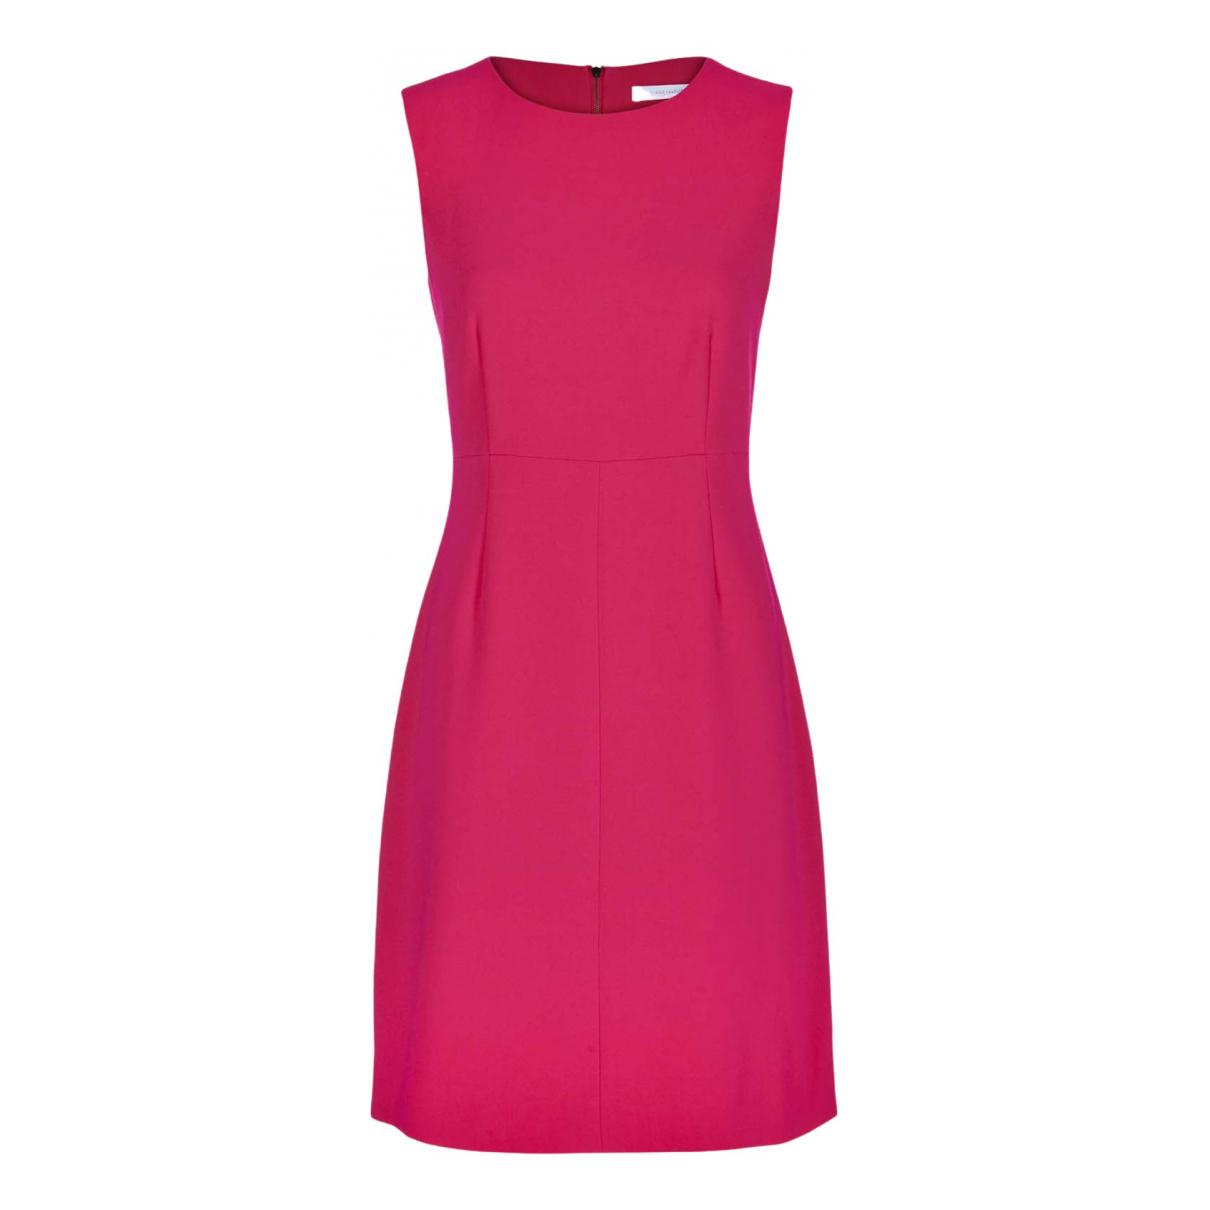 Diane Von Furstenberg N Pink Cotton dress for Women 10 UK